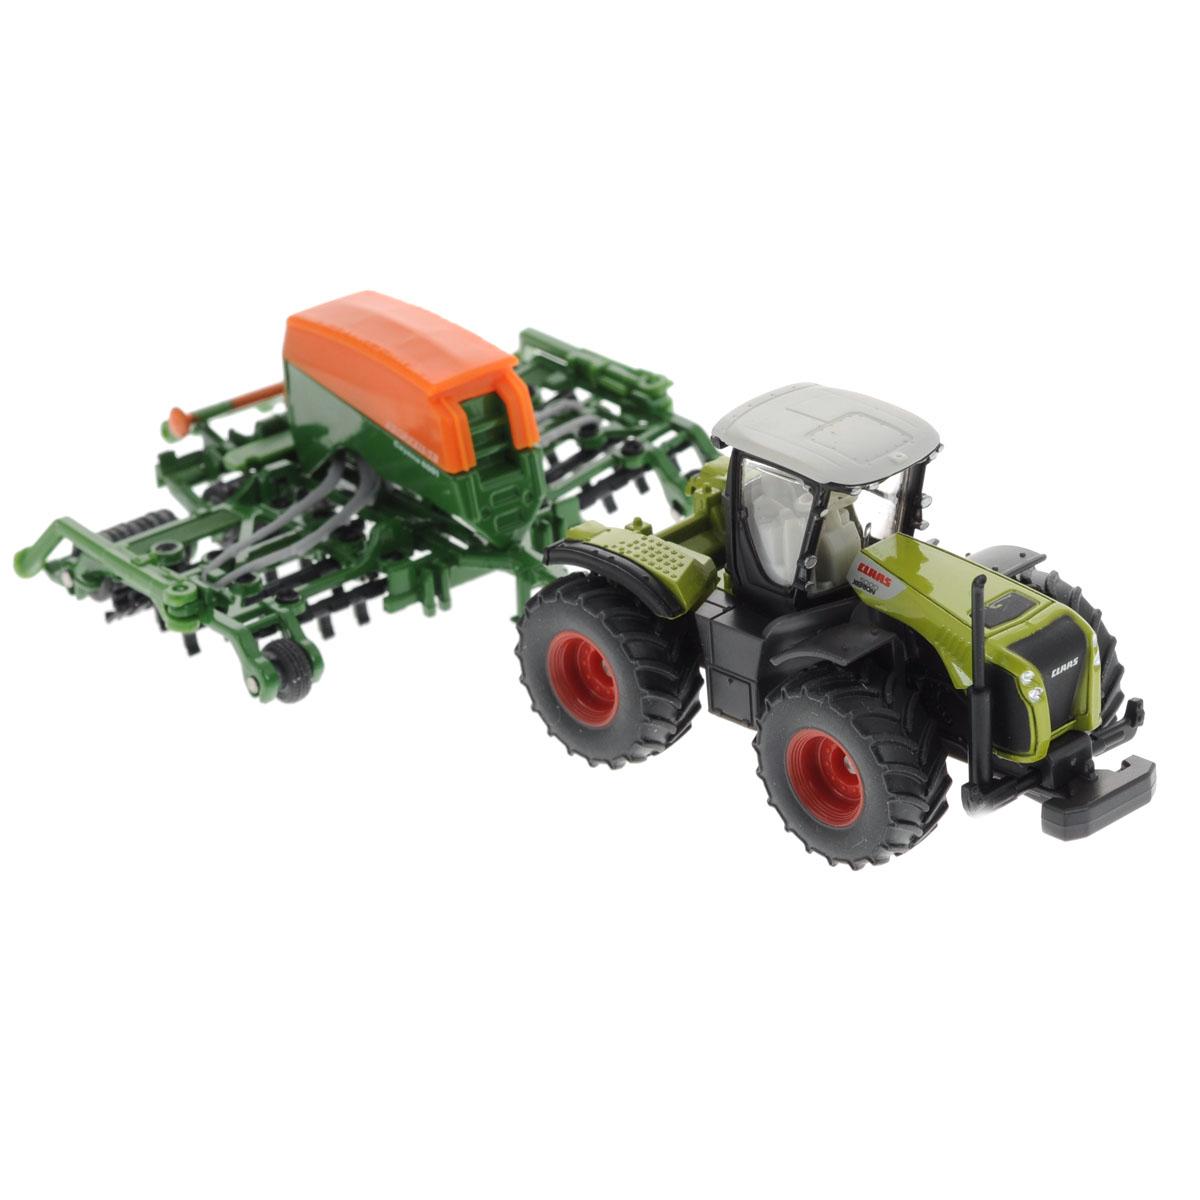 Siku Трактор Claas Xerion с сеялкой Amazone Cayenna 60011826оллекционная модель Siku Трактор с сеялкой выполнена в виде точной копии трактора с сеялкой в масштабе 1/87. Такая модель понравится не только ребенку, но и взрослому коллекционеру и приятно удивит вас высочайшим качеством исполнения. Корпус трактора и сеялки выполнены из металла, кузов сеялки и кабина трактора из пластика, а стекла кабины трактора из прозрачного пластика. Агрегаты сеялки могут опускаться и подниматься для работы на полях. Мощные гусеницы и шины делают модель максимально реалистичной. Сеялка прицепляется к трактору с помощью дополнительного прицепа с седельным сцепным устройством. Кабина трактора снимается. Верхняя крышка сеялки снимается. Колесики модели вращаются. Коллекционная модель отличается великолепным качеством исполнения и детальной проработкой, она станет не только интересной игрушкой для ребенка, интересующегося агротехникой, но и займет достойное место в коллекции.